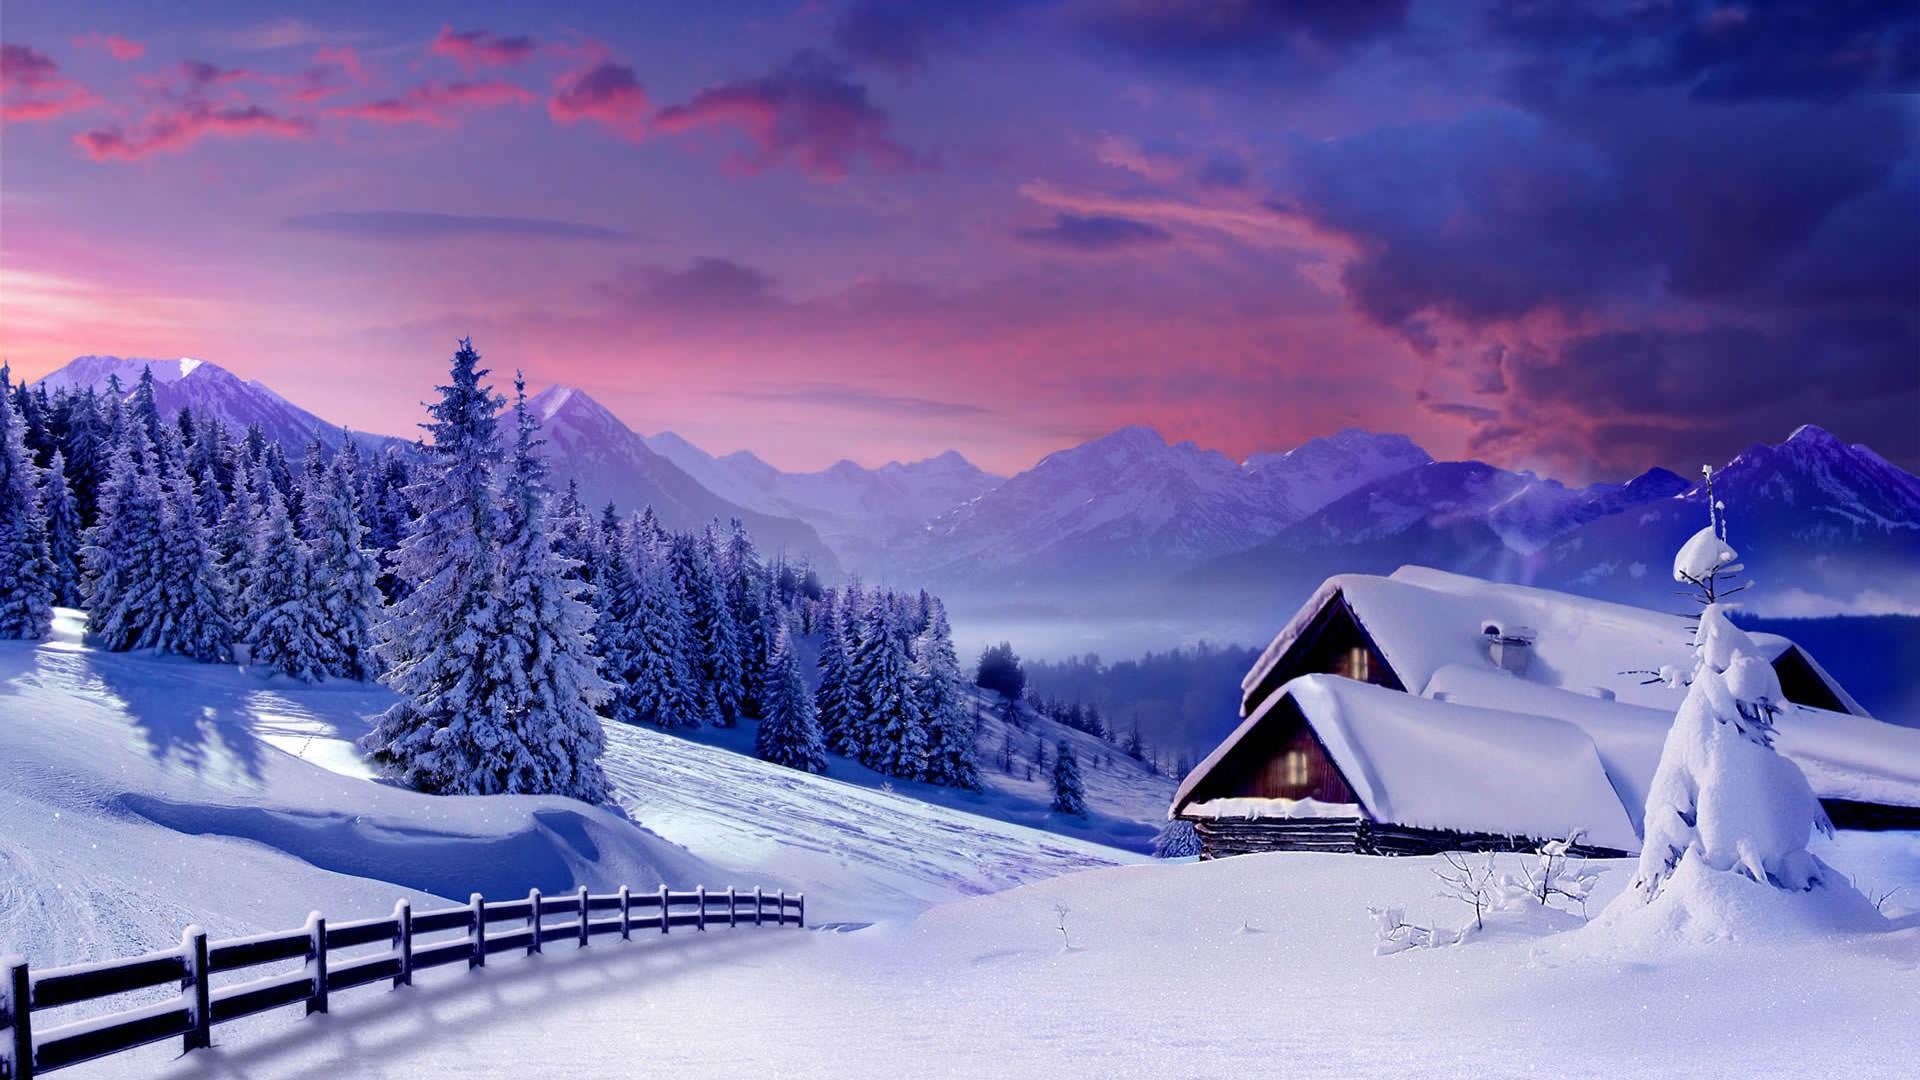 Beautiful Winter Wallpaper 1920x1080 1920x1080